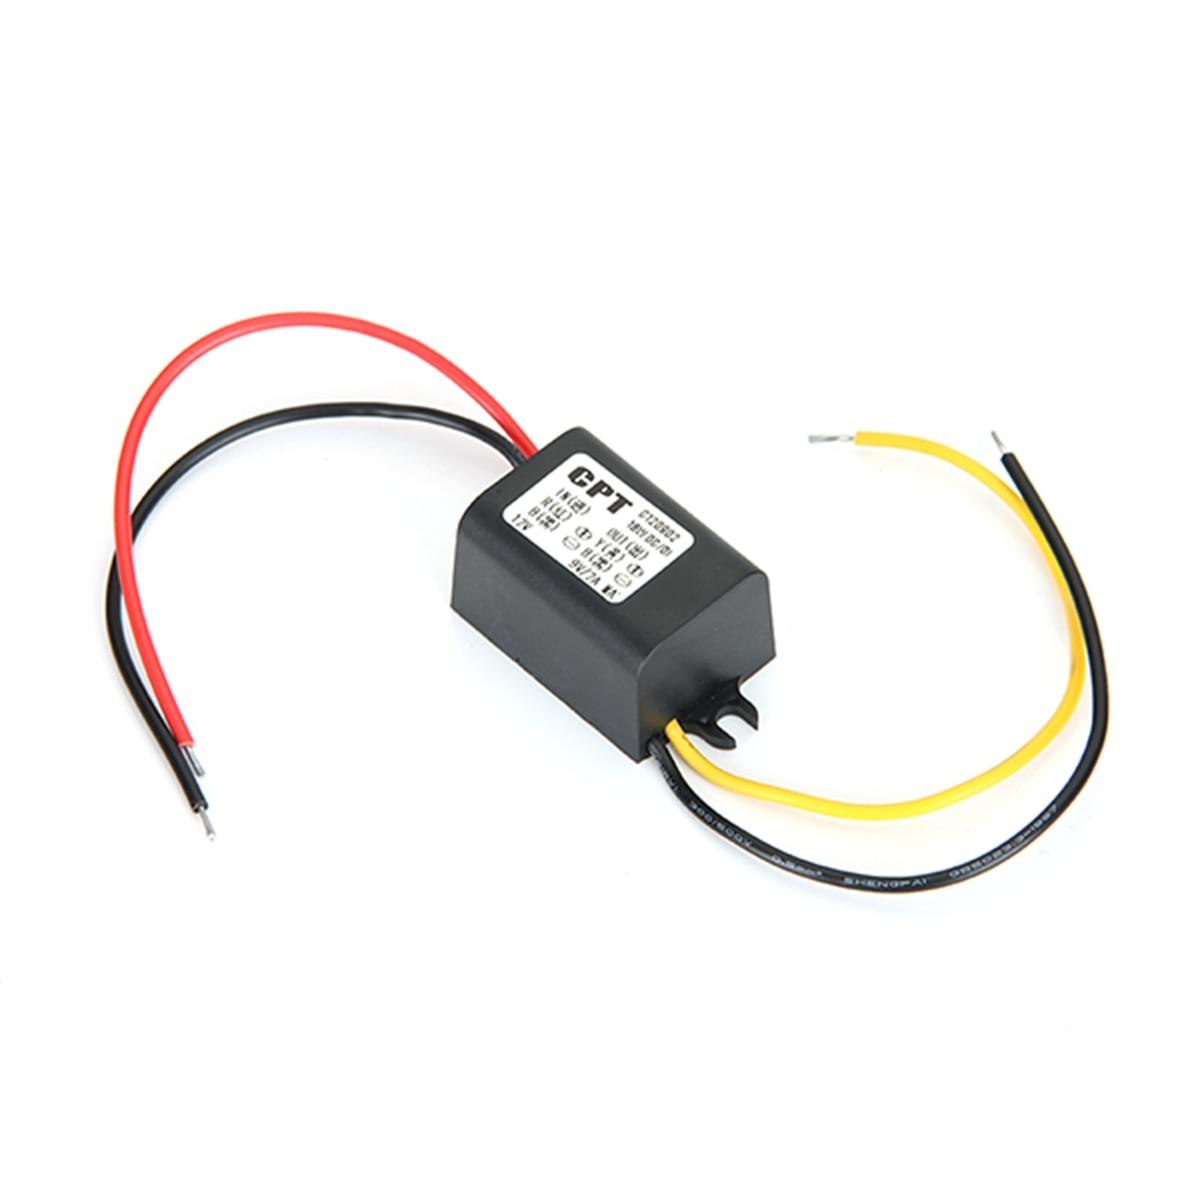 12v To 9v Dc Dc Buck Converter Step Down Module Power Supply Voltage 24V  Voltage Regulator 12v To 9v Voltage Regulator Wiring